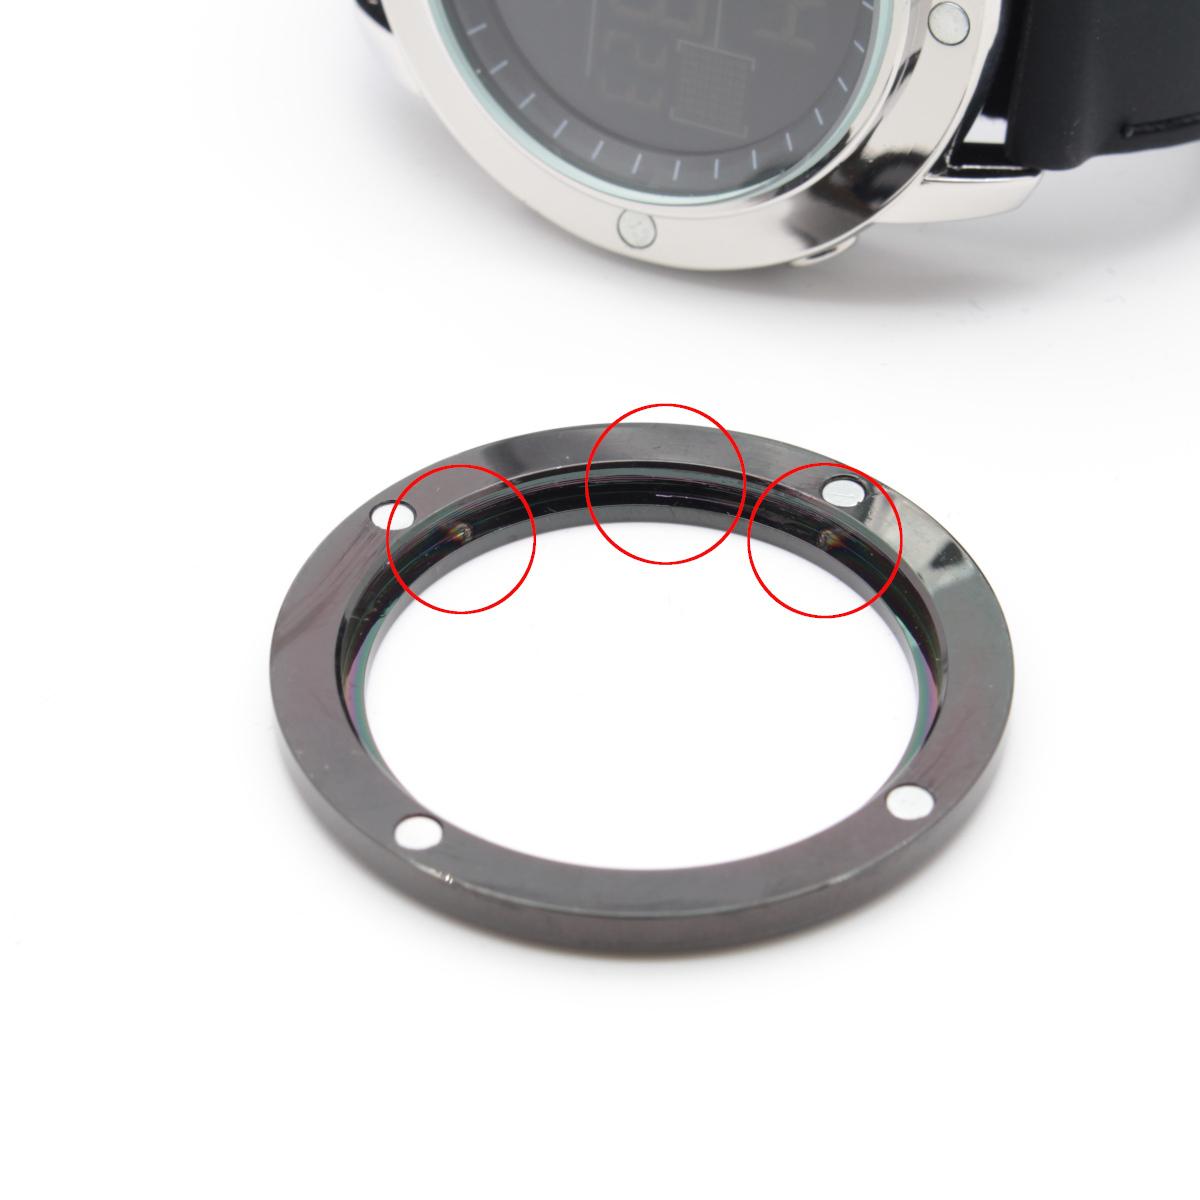 【1円開始】画面がでかくて見やすい!! 目に優しい腕時計! 今の腕時計が小さすぎて不満がある方必見!DWG WATCH メンズ 腕時計 / N0660_画像7